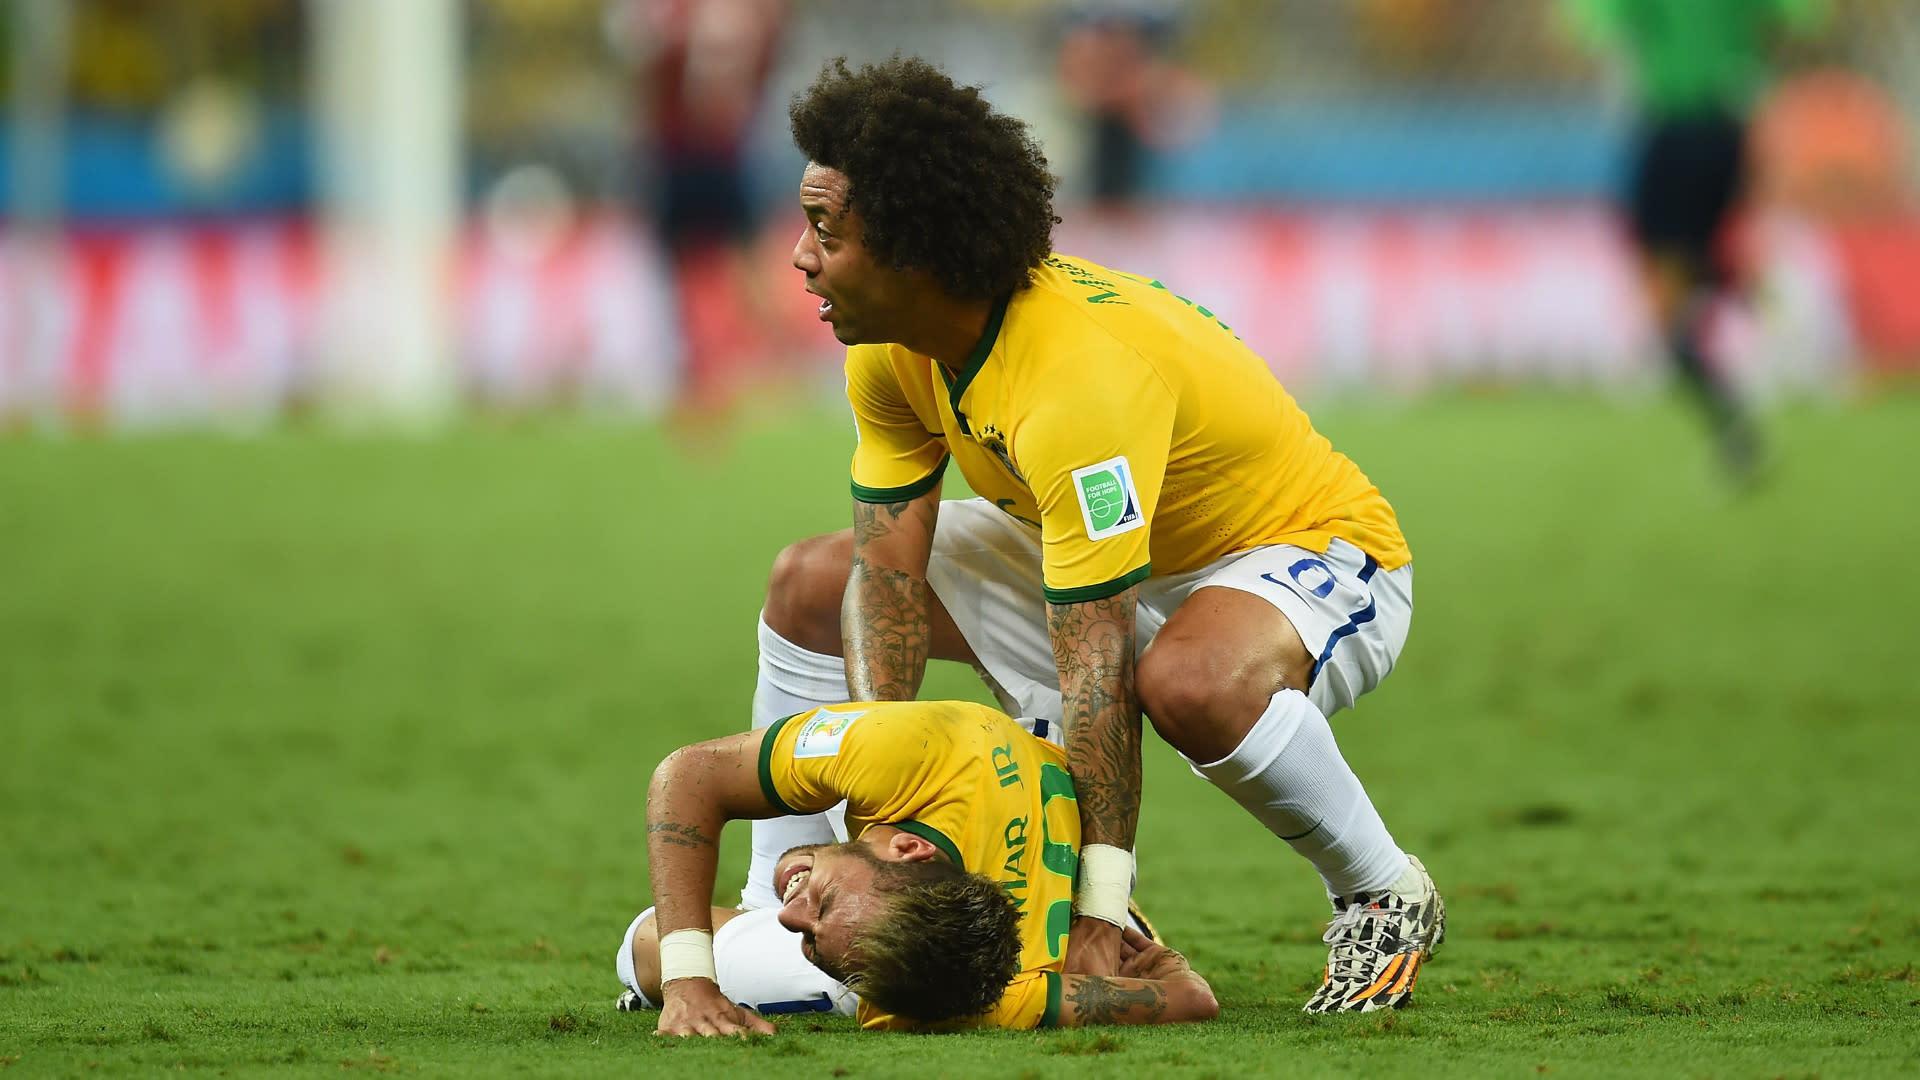 Neymar recalls 2014 injury: I nearly lost ability to walk